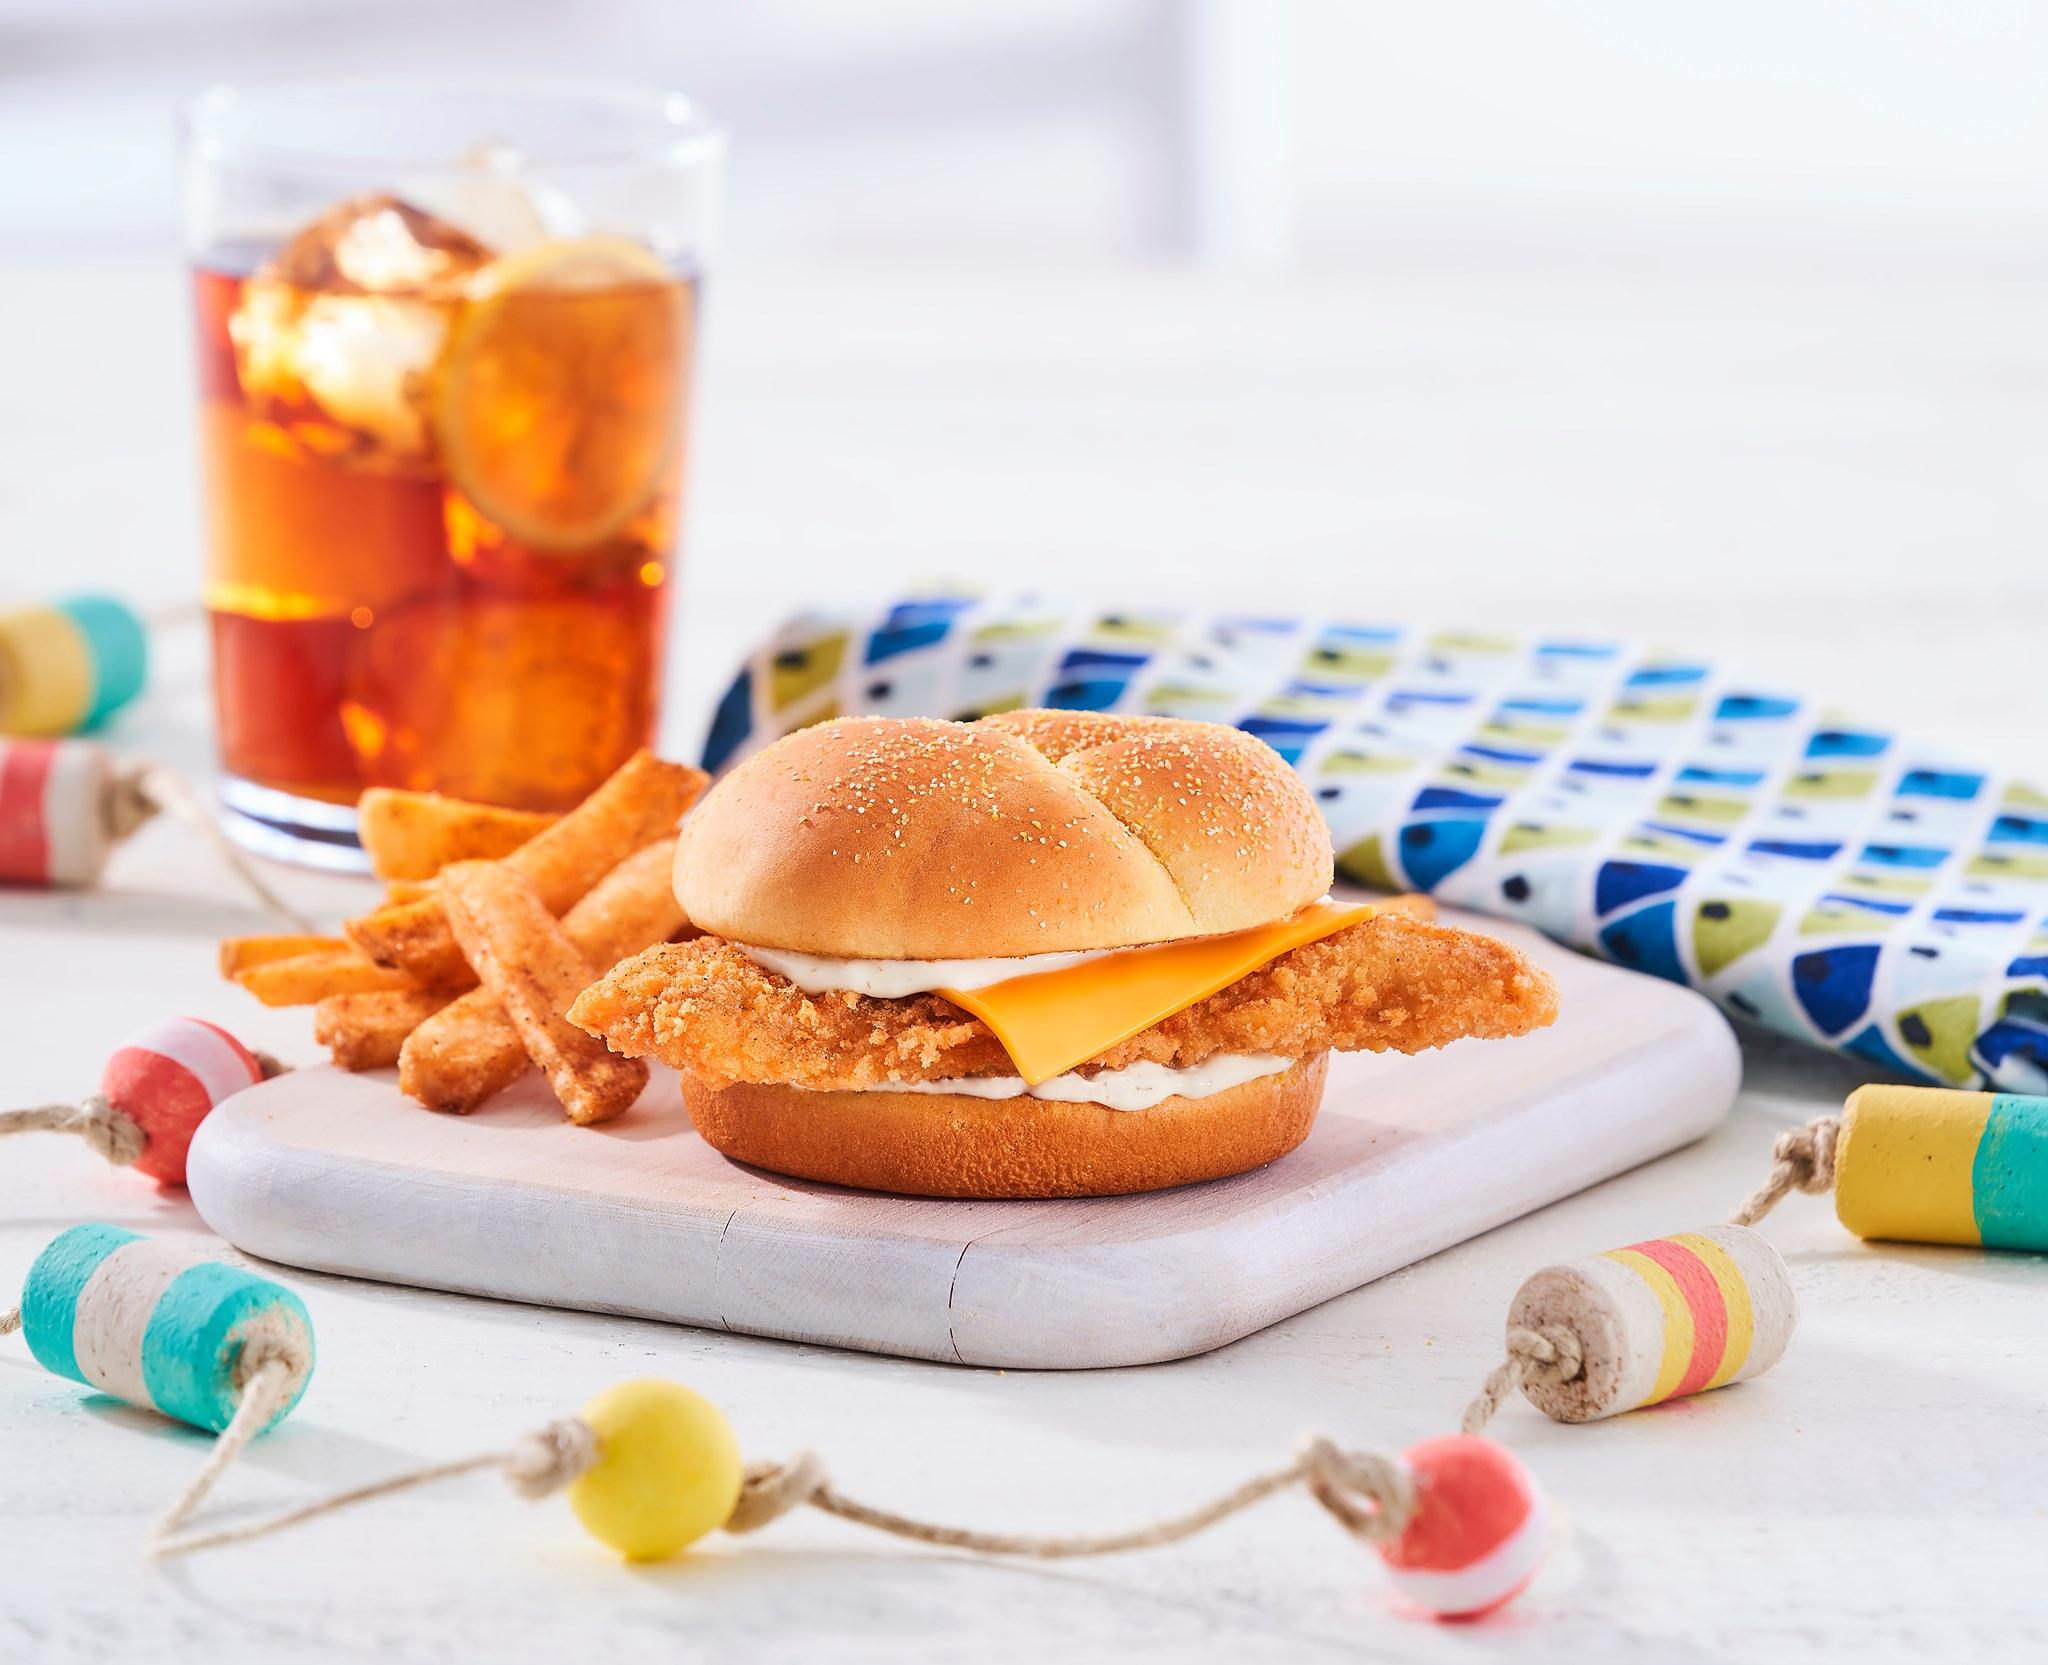 一块炸鸡三明治放在白板上,背景是调味薯条和冰茶